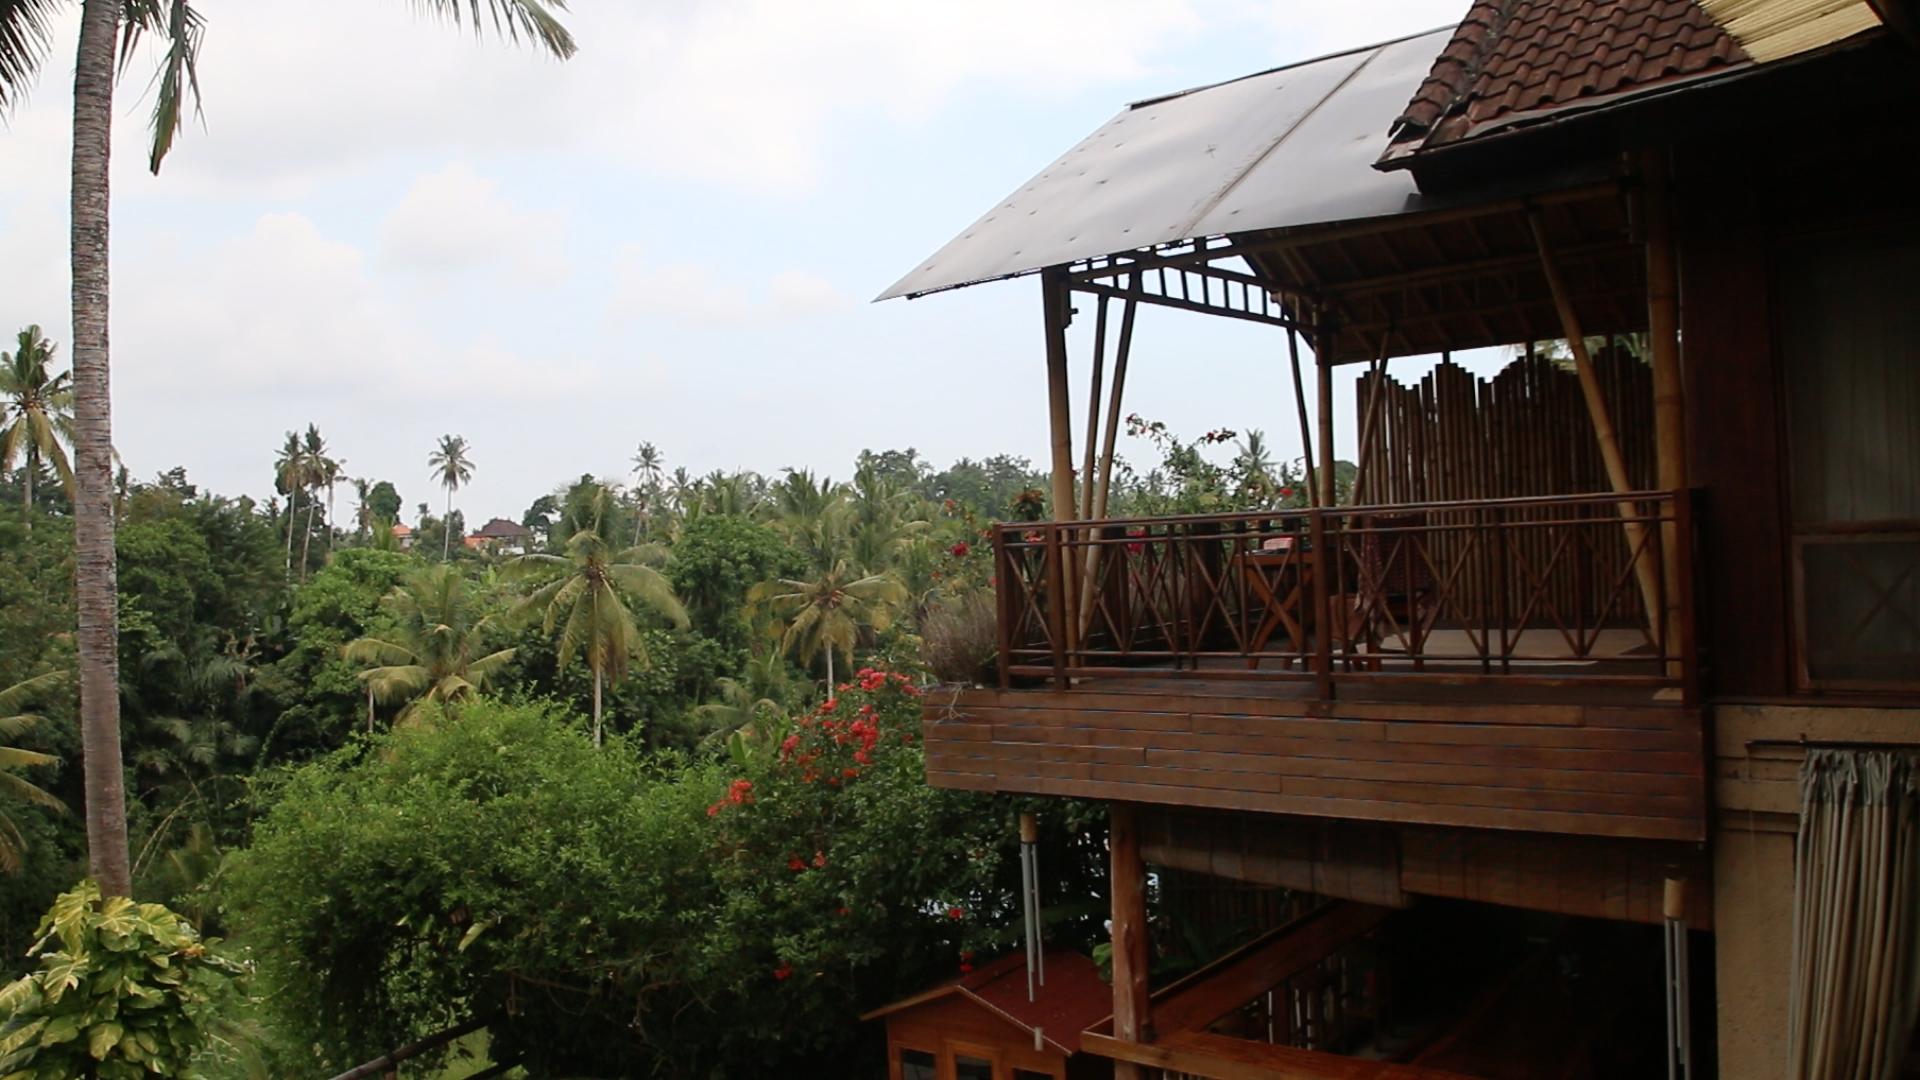 Memories from Bali 7